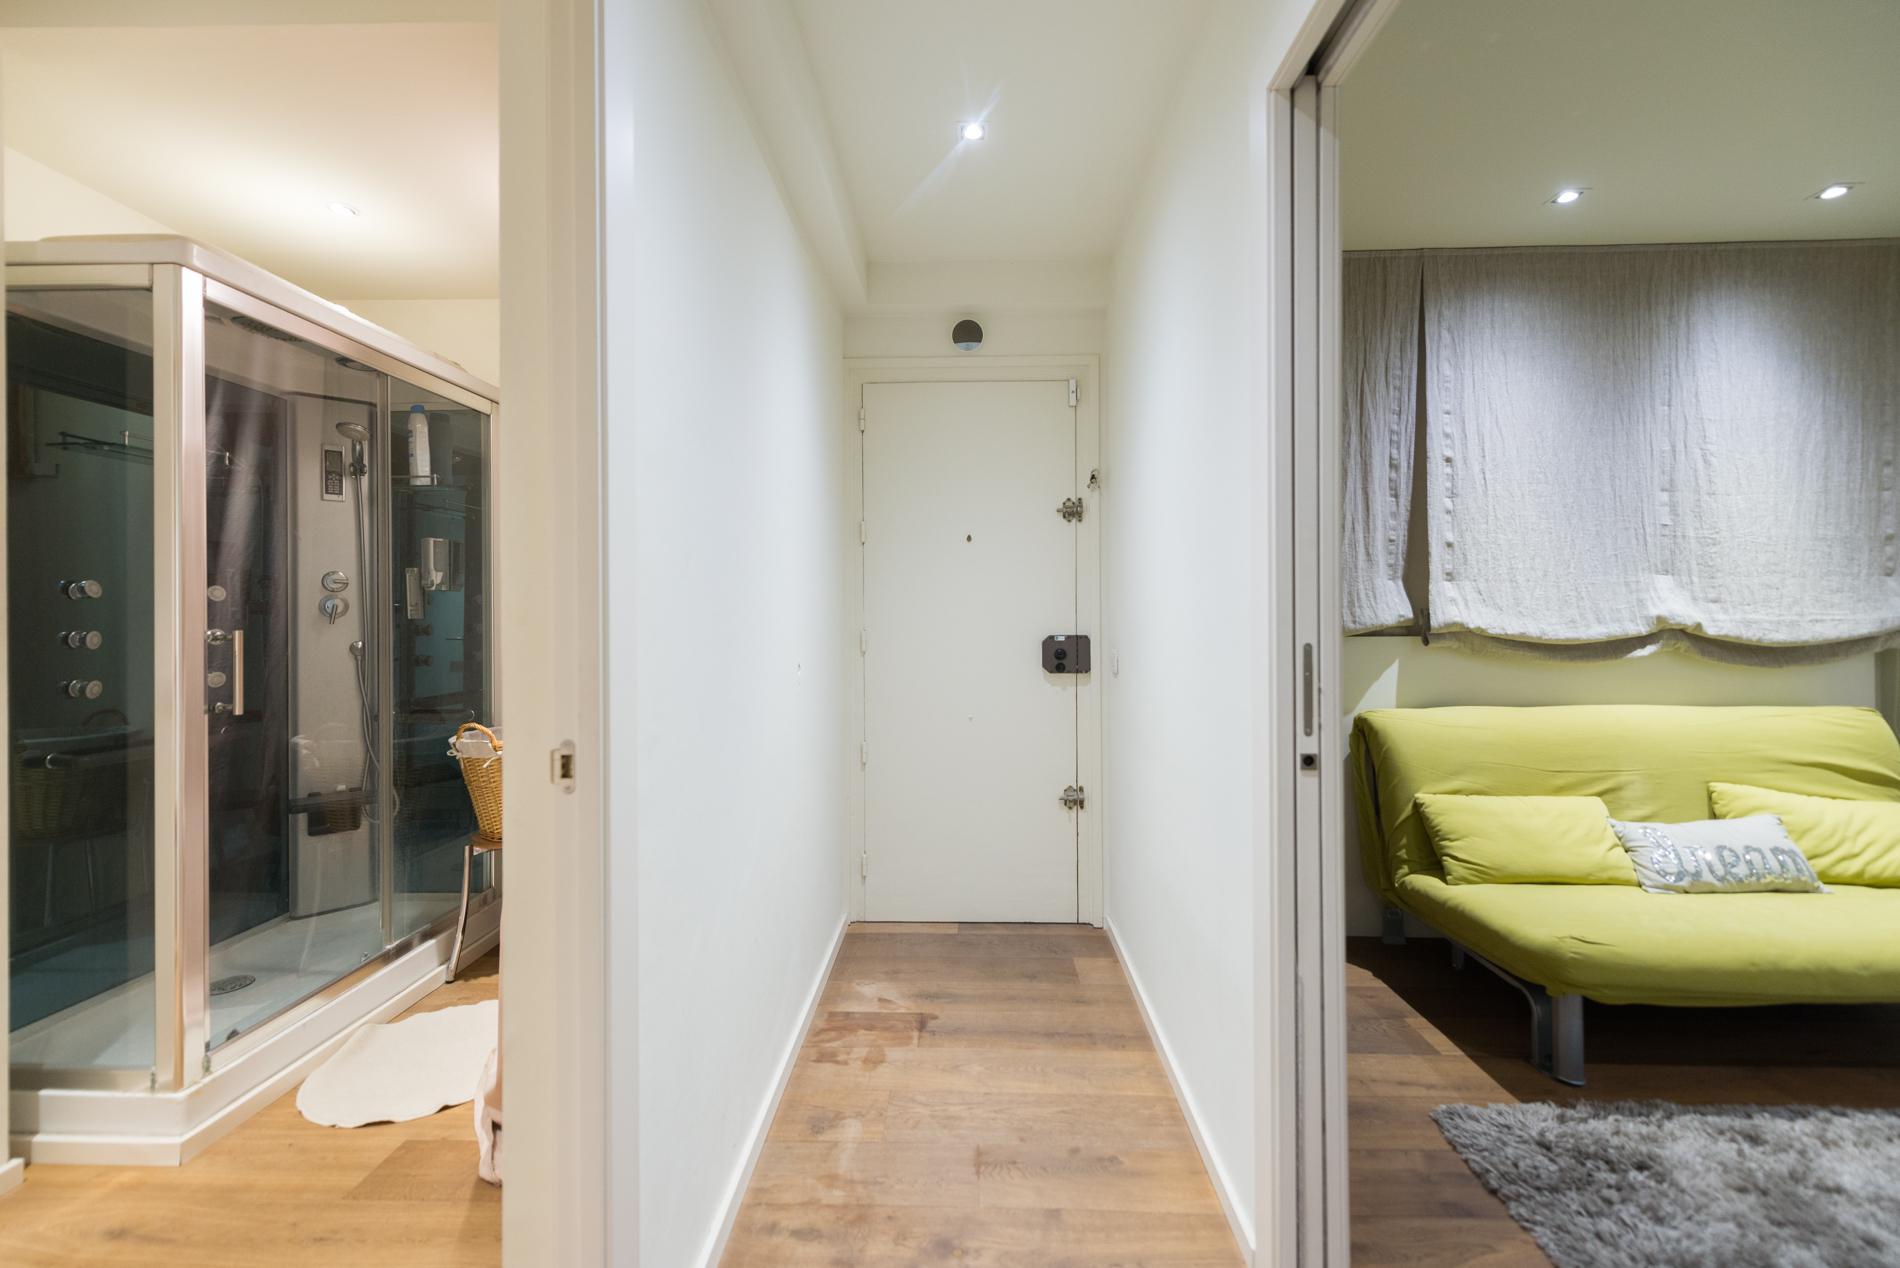 222426 Apartment for sale in Eixample, Dreta Eixample 36